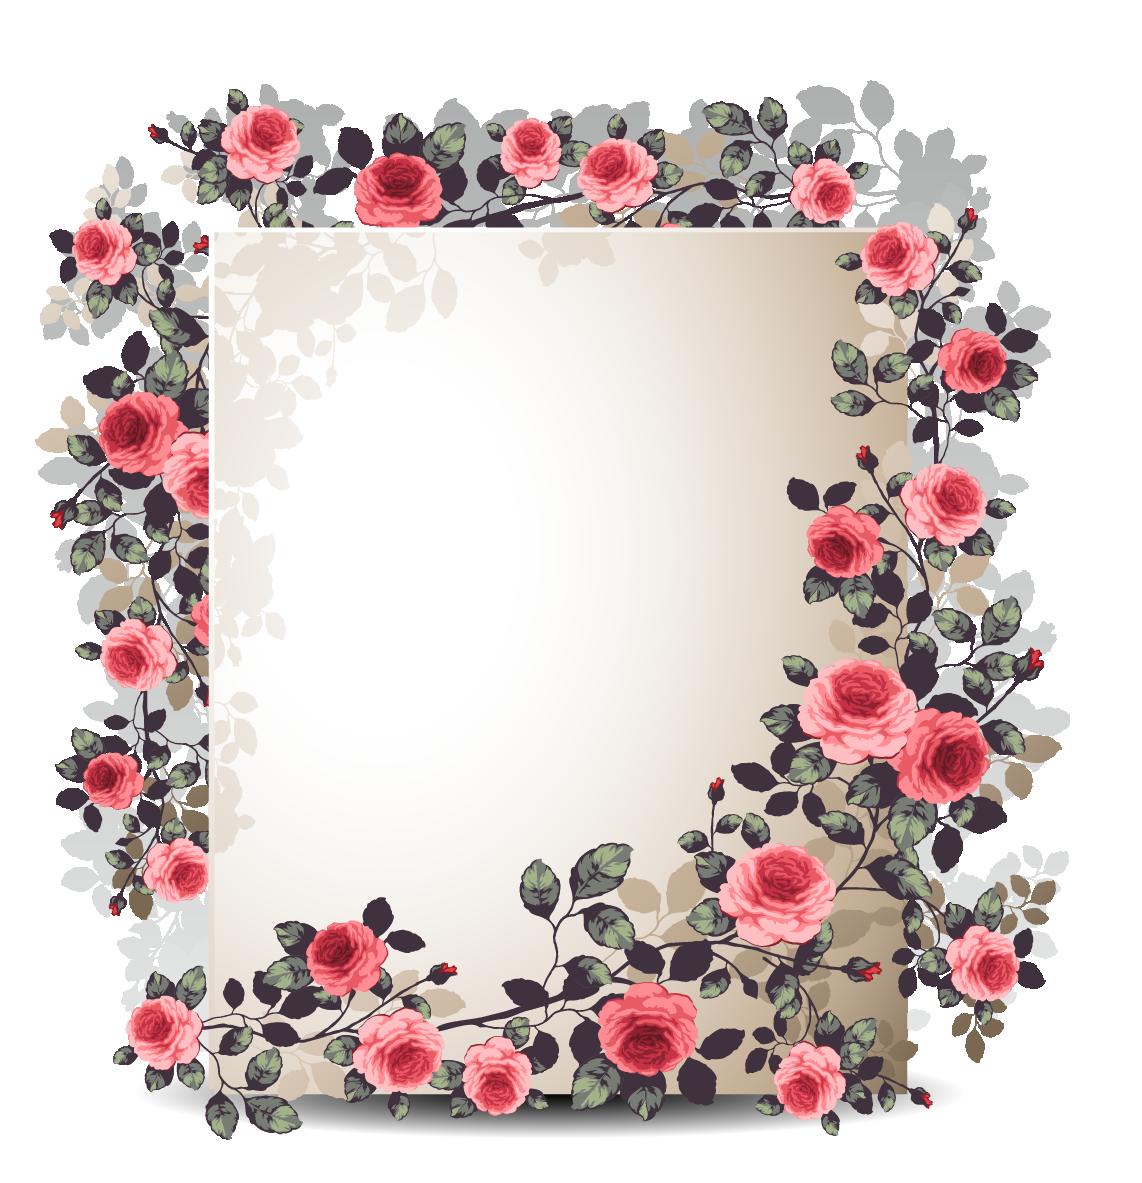 Download Flower Border Free Frame HQ PNG Image | FreePNGImg